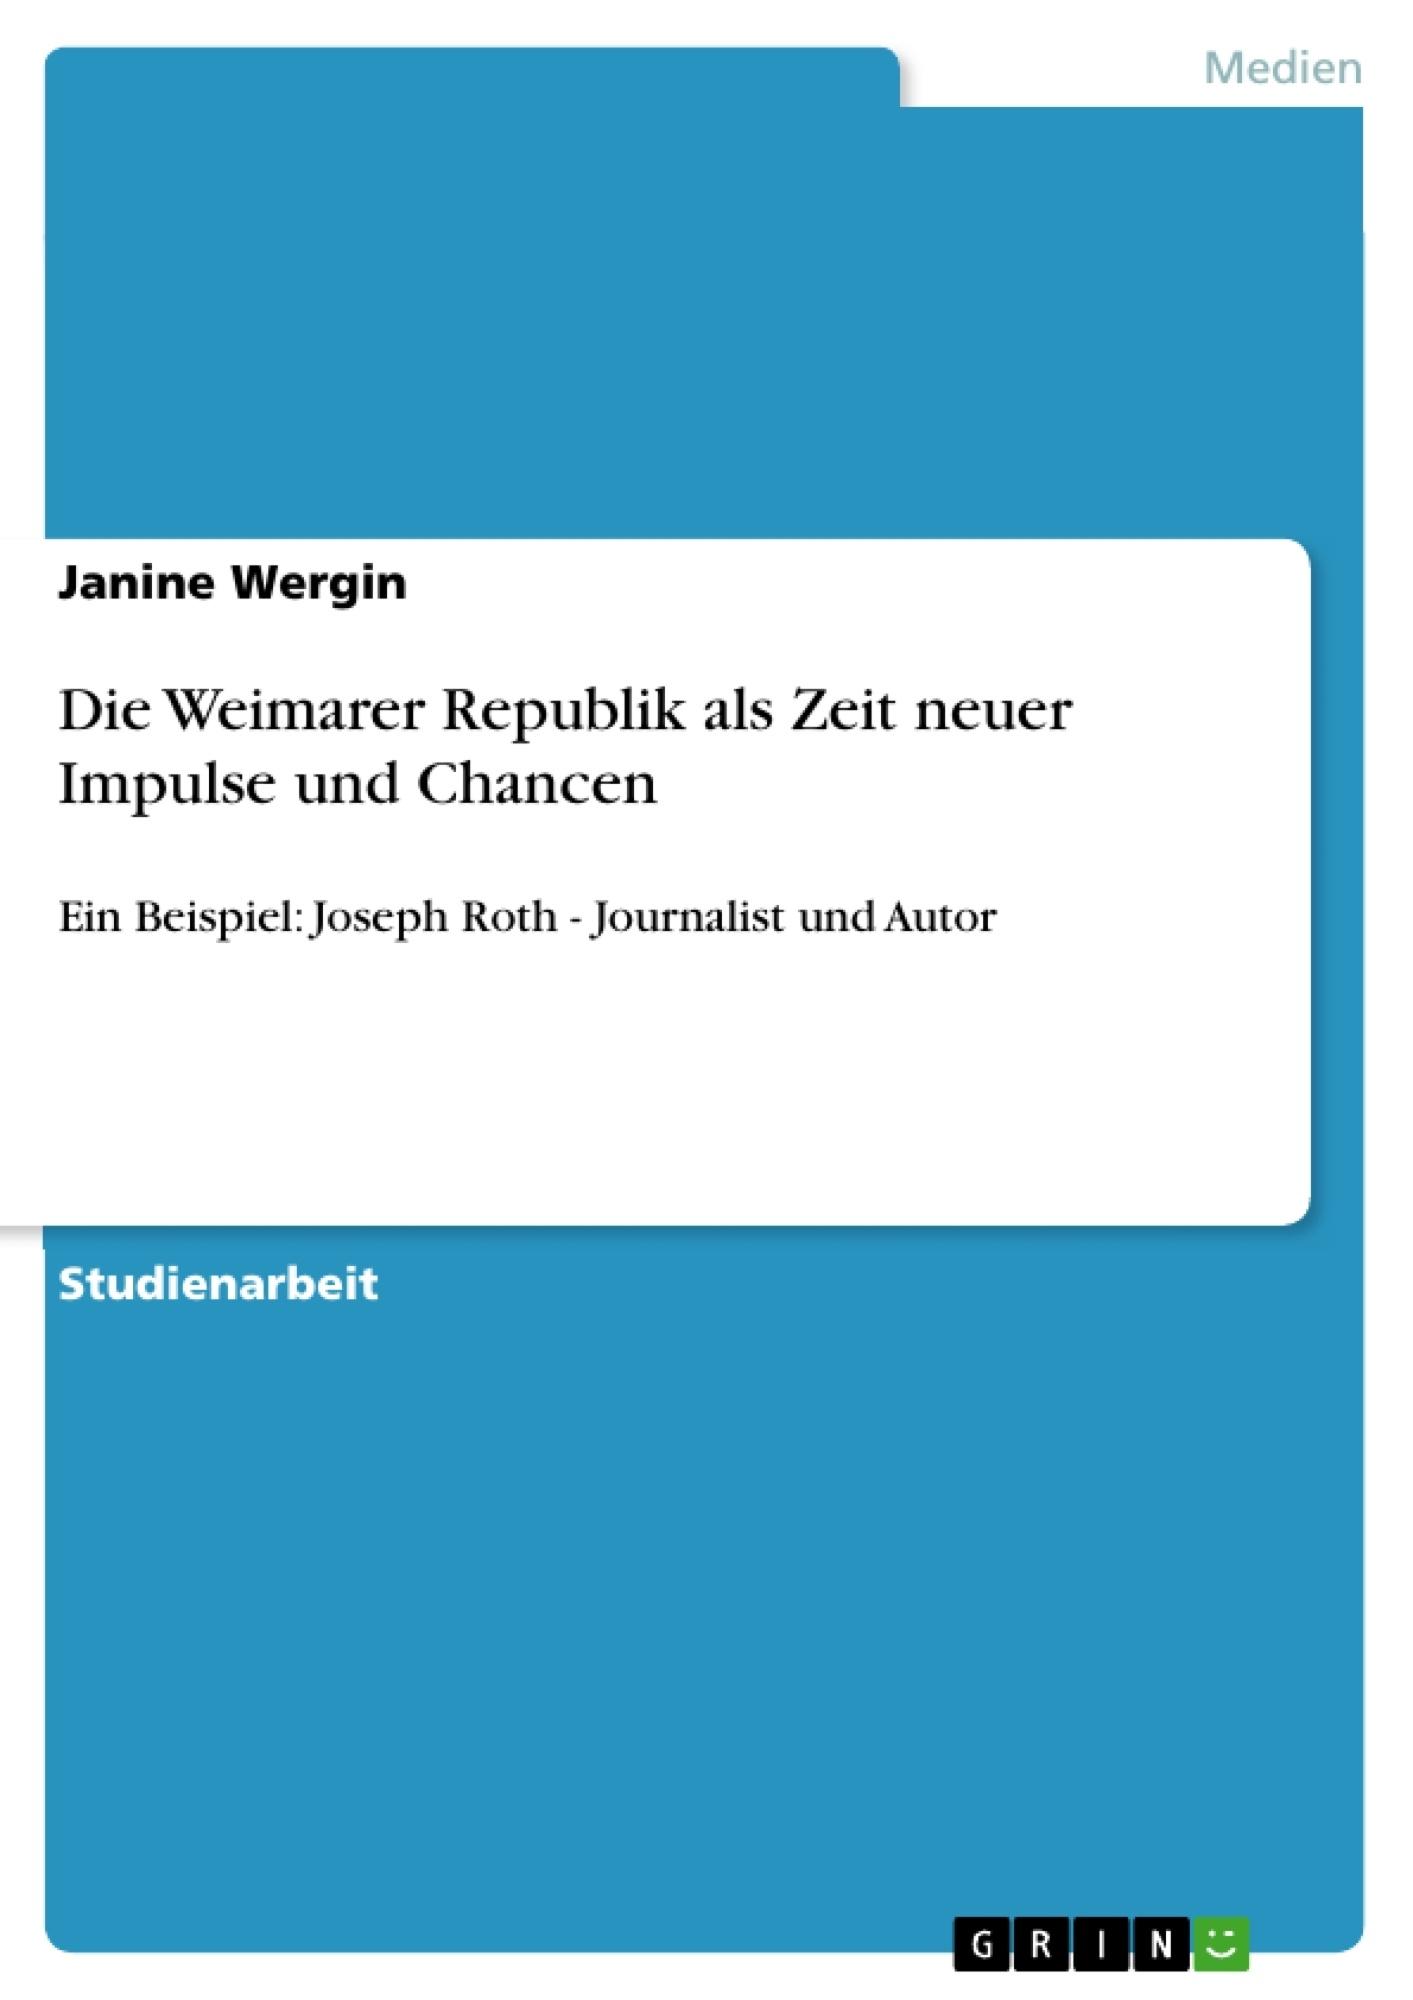 Titel: Die Weimarer Republik als Zeit neuer Impulse und Chancen